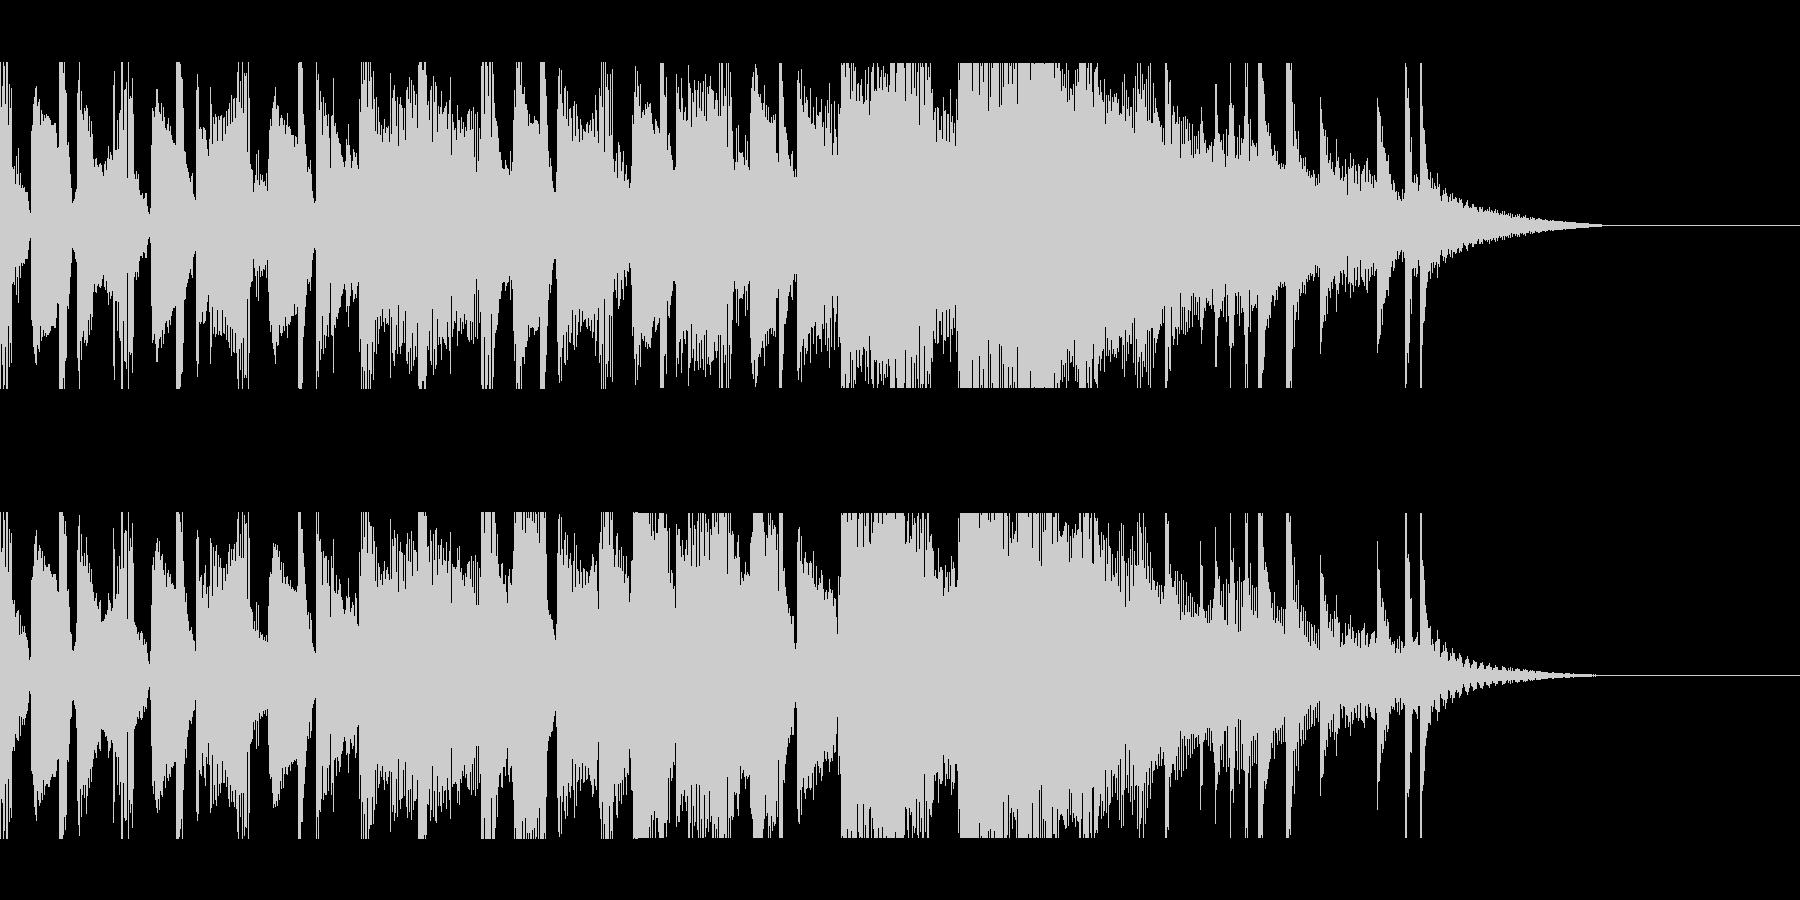 カントリー風ギターイントロ−03の未再生の波形